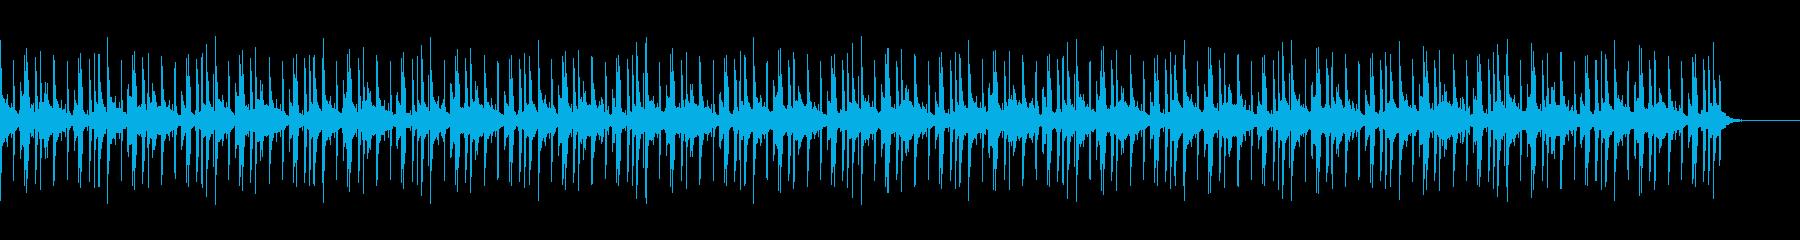 おしゃれでchillなBGMの再生済みの波形